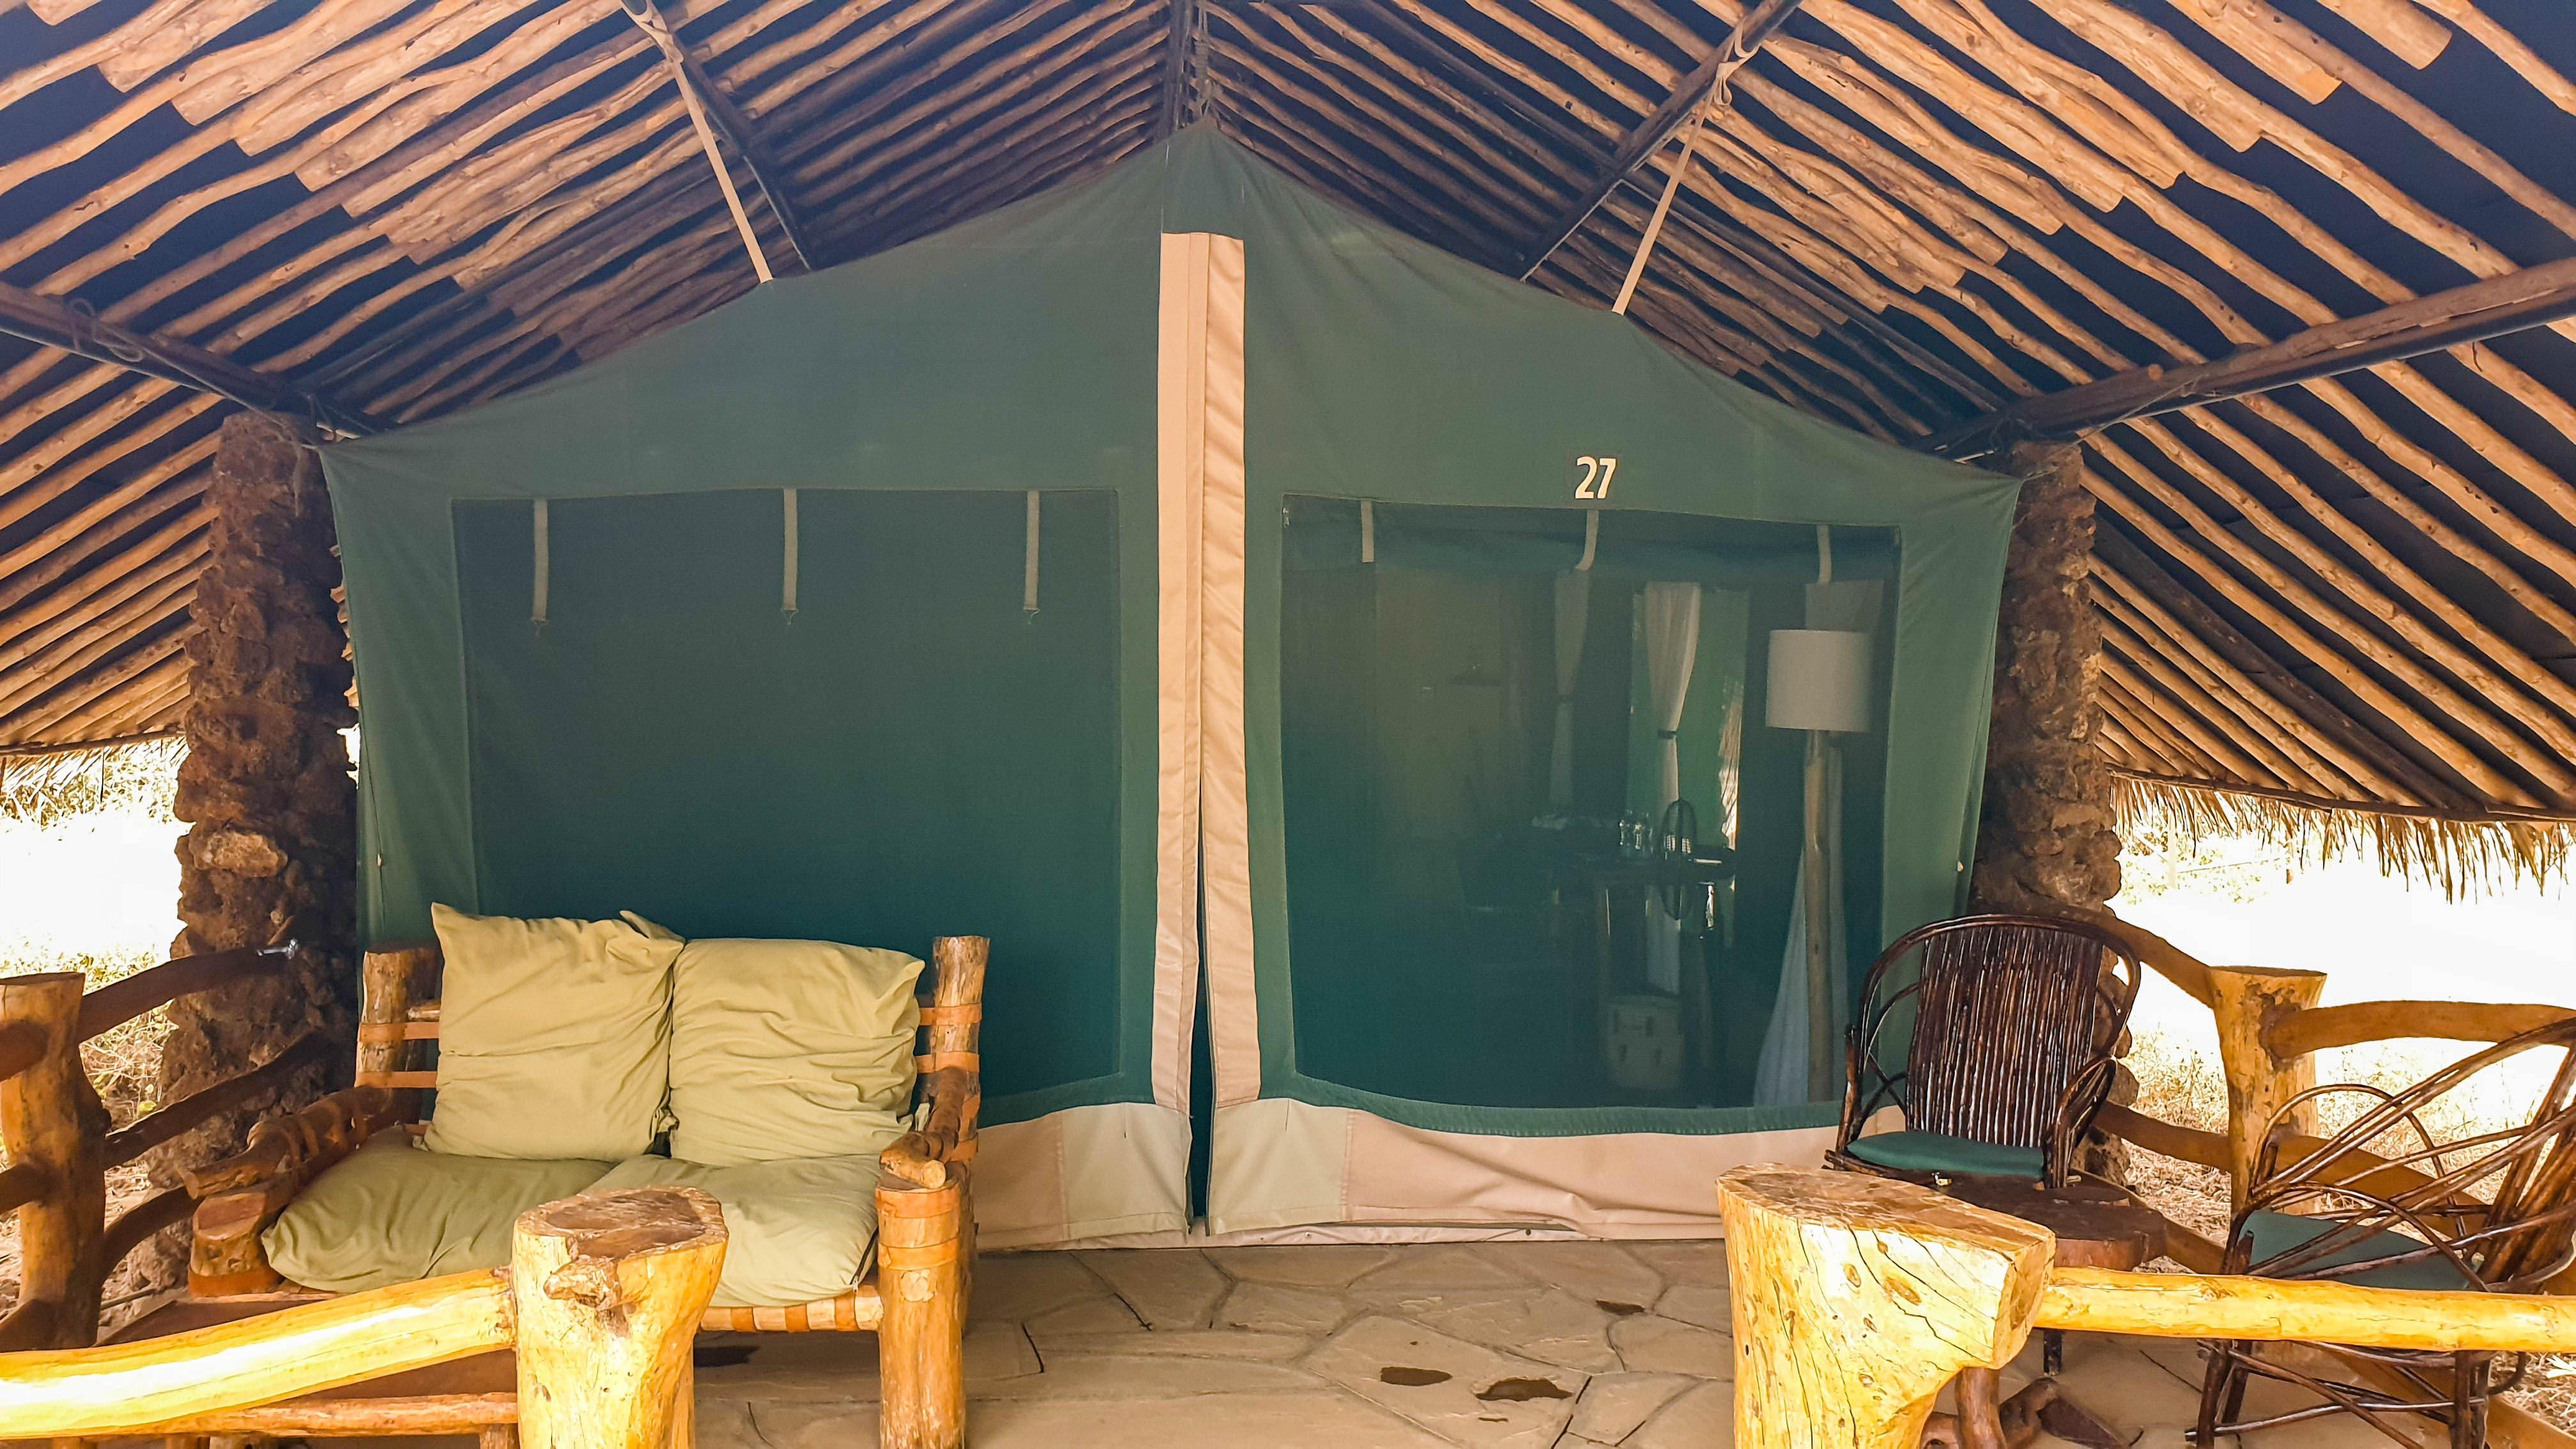 Nº 27, nuestra cabaña en Kibo Safari Camp, Amboseli, Kenia